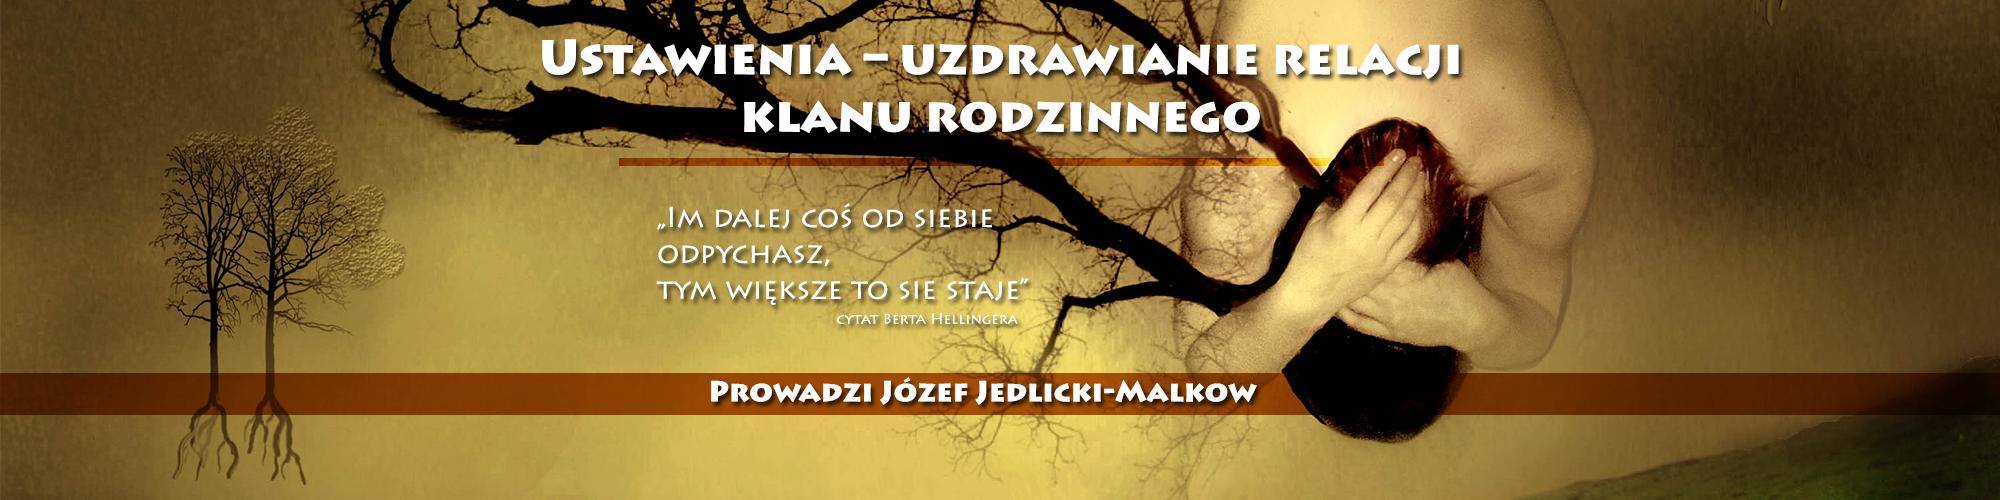 ustawienia-banner